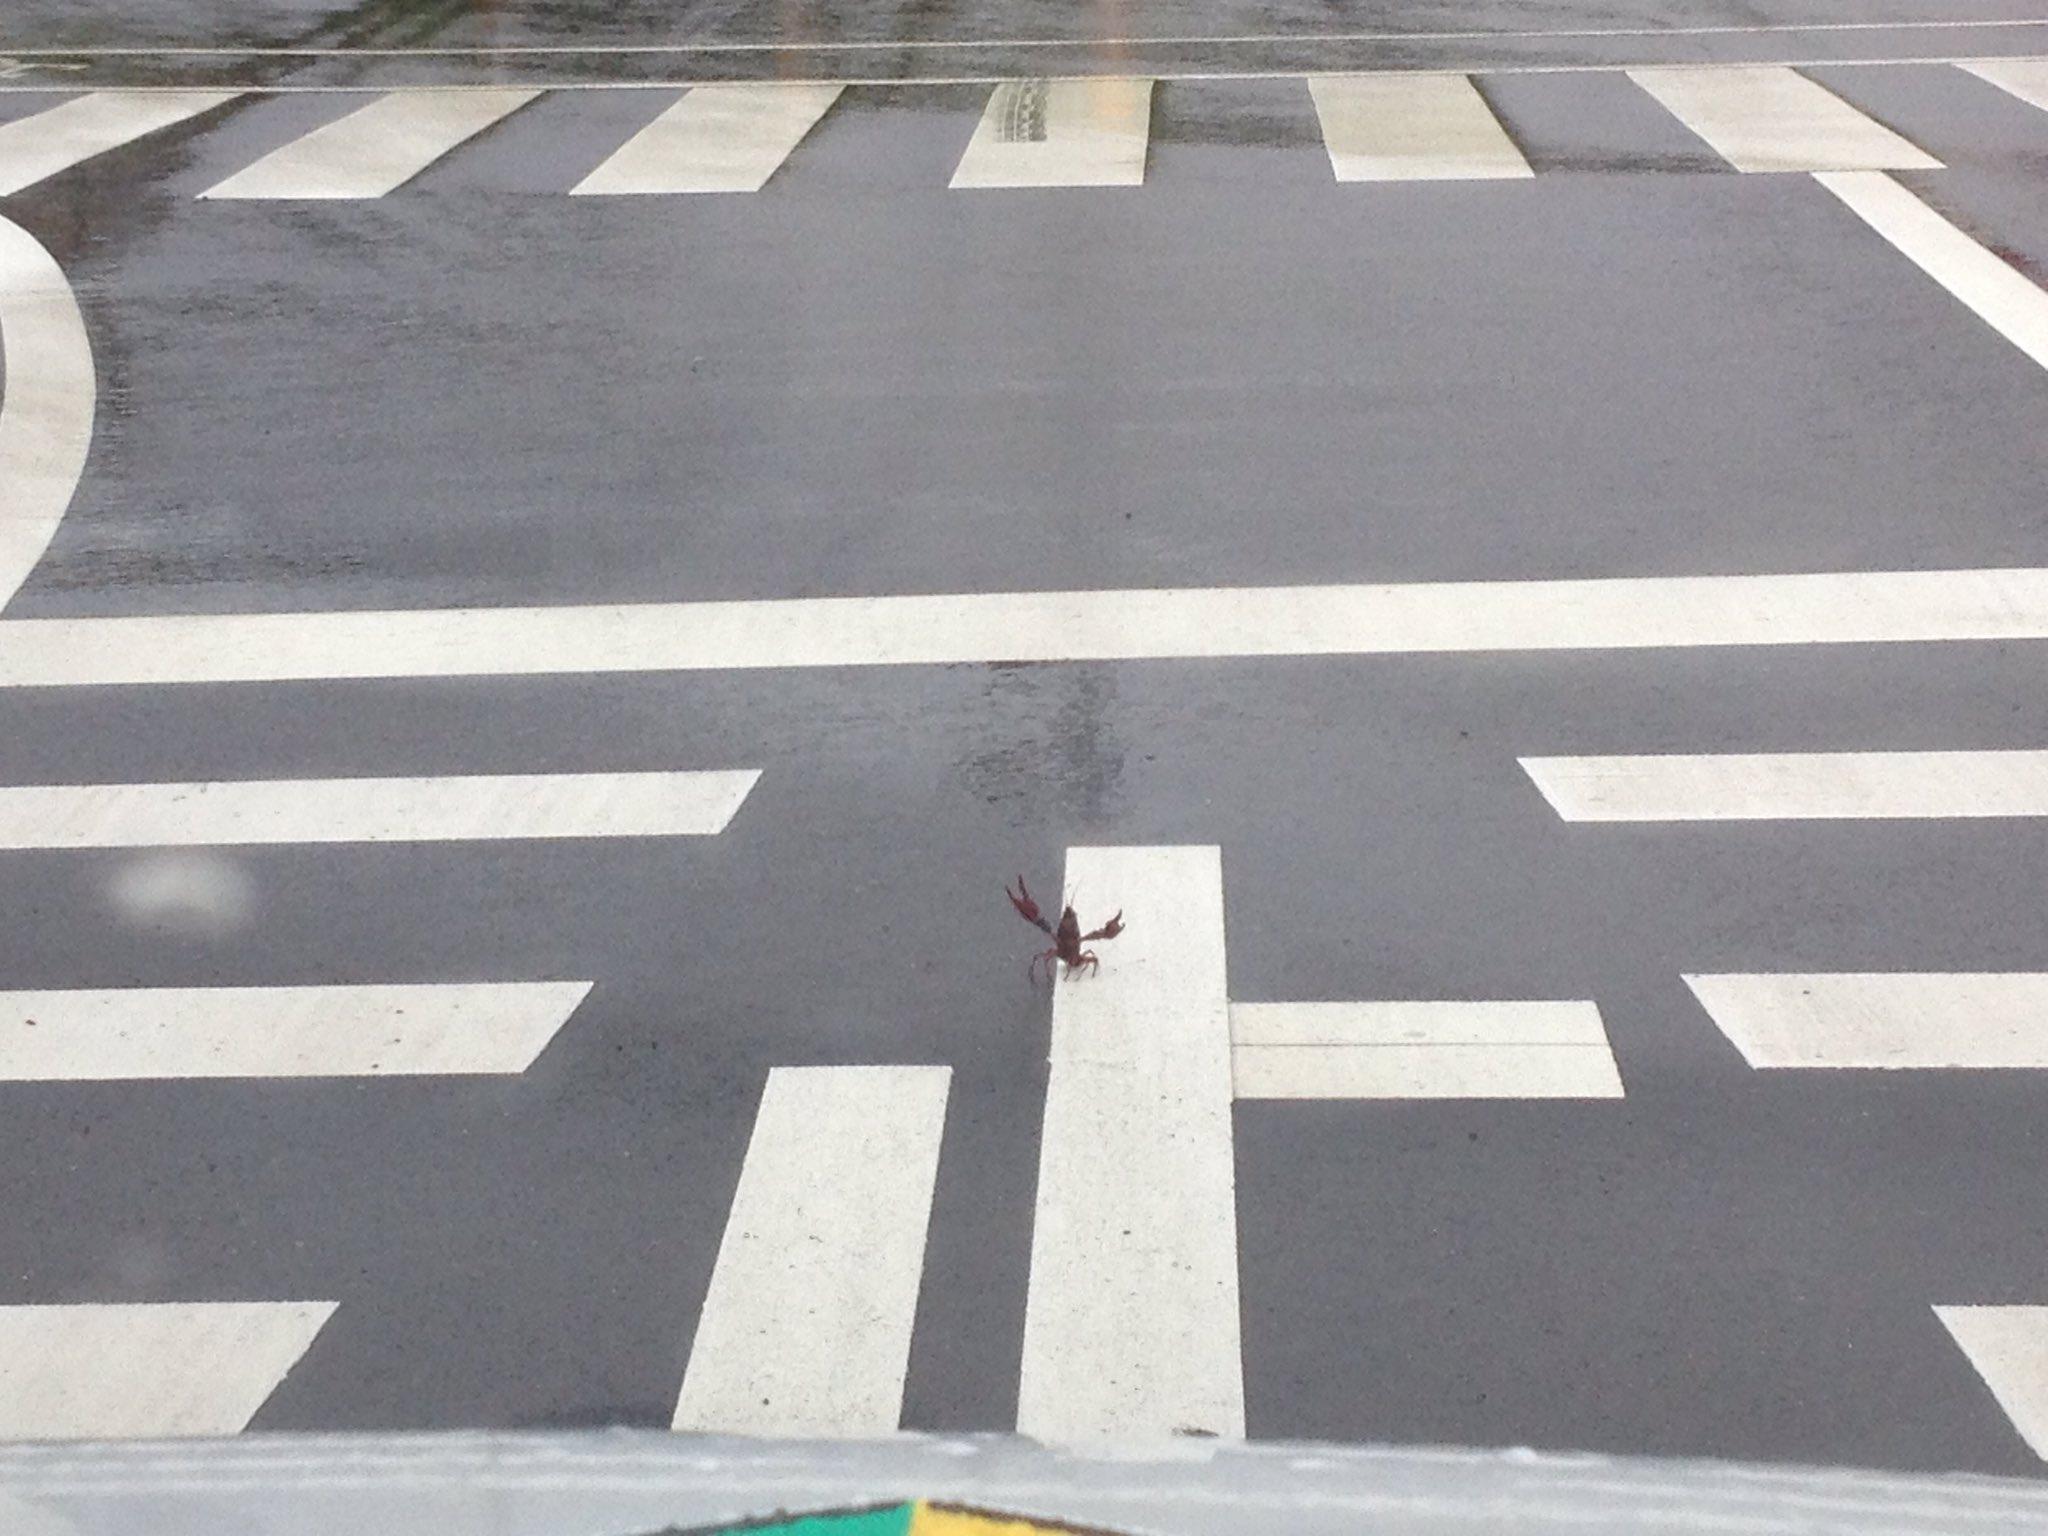 自動車に勝負を仕掛けるある動物wwwwさすがに勇敢すぎるww勝てないだろww